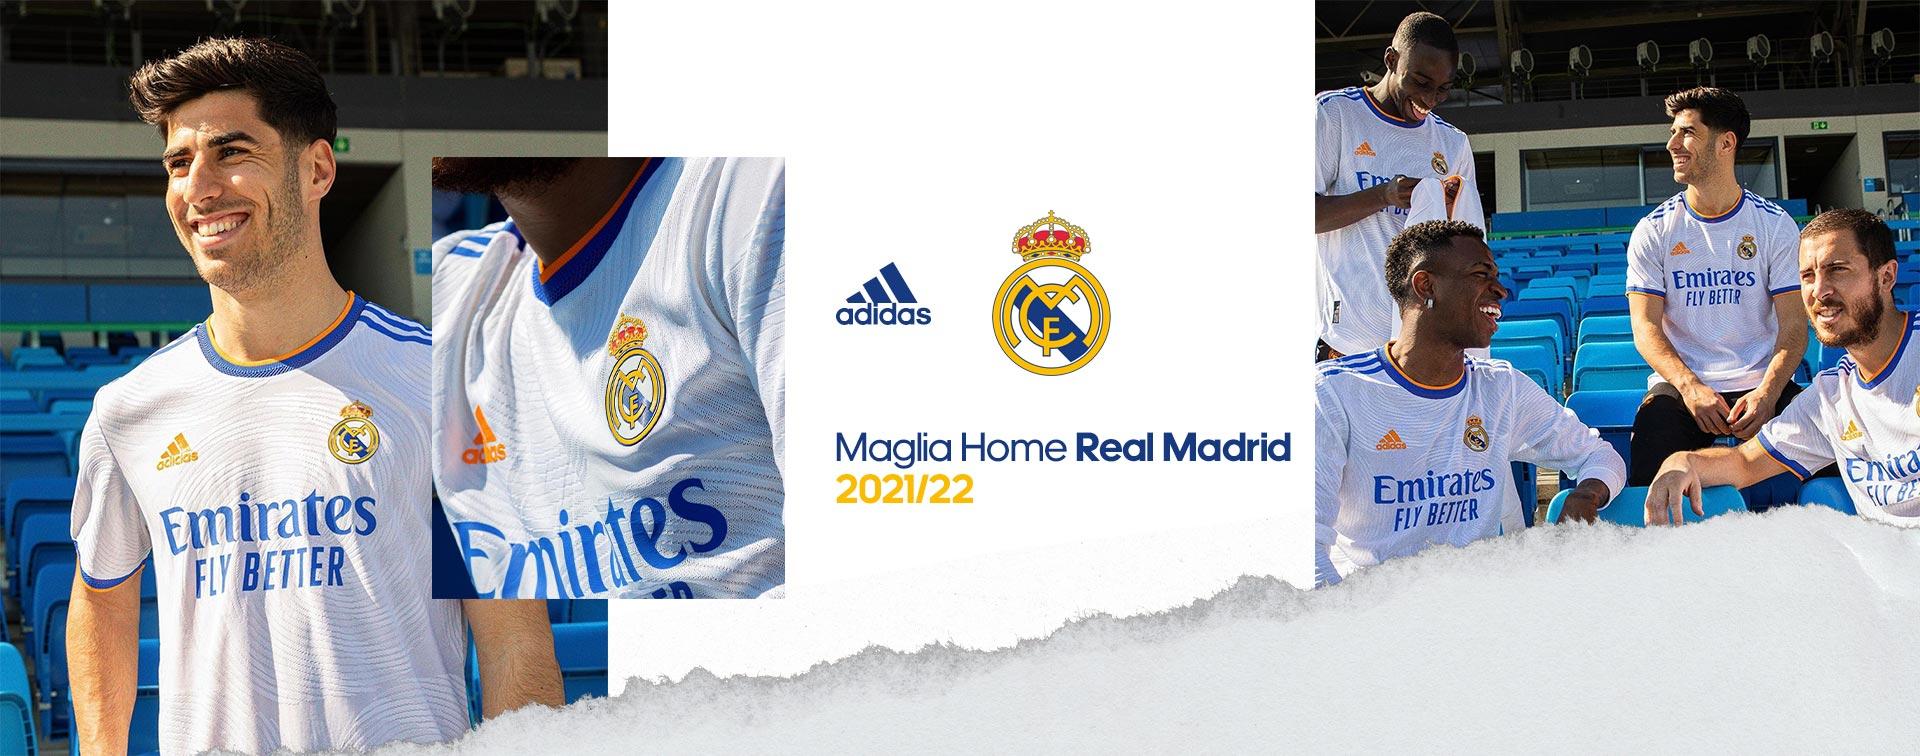 Real Madrid 2021/22